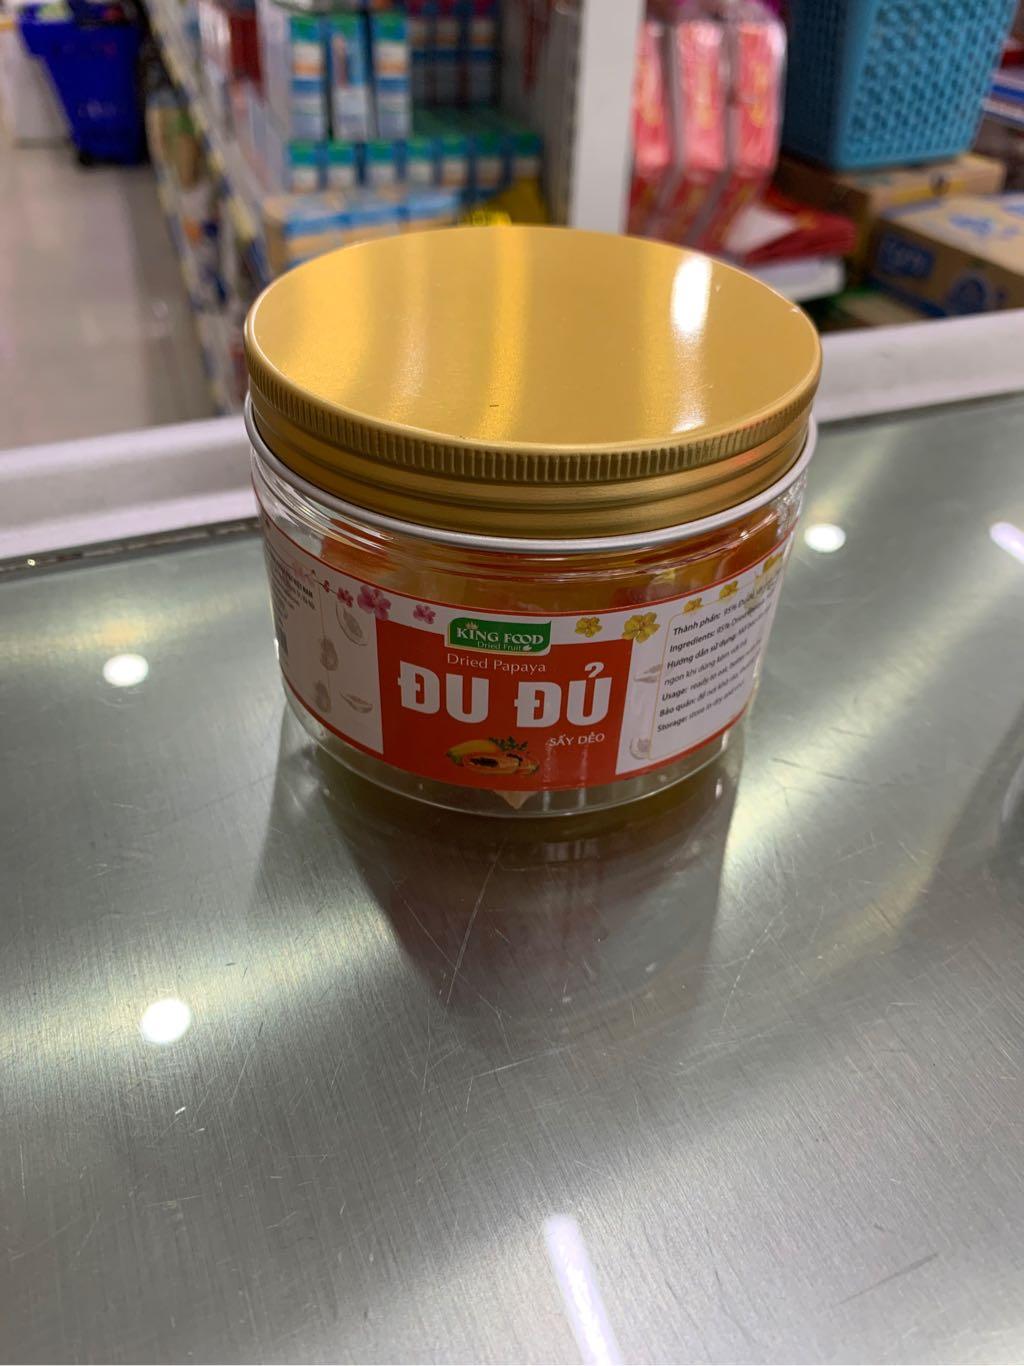 Đu đủ sấy dẻo King Food 100g